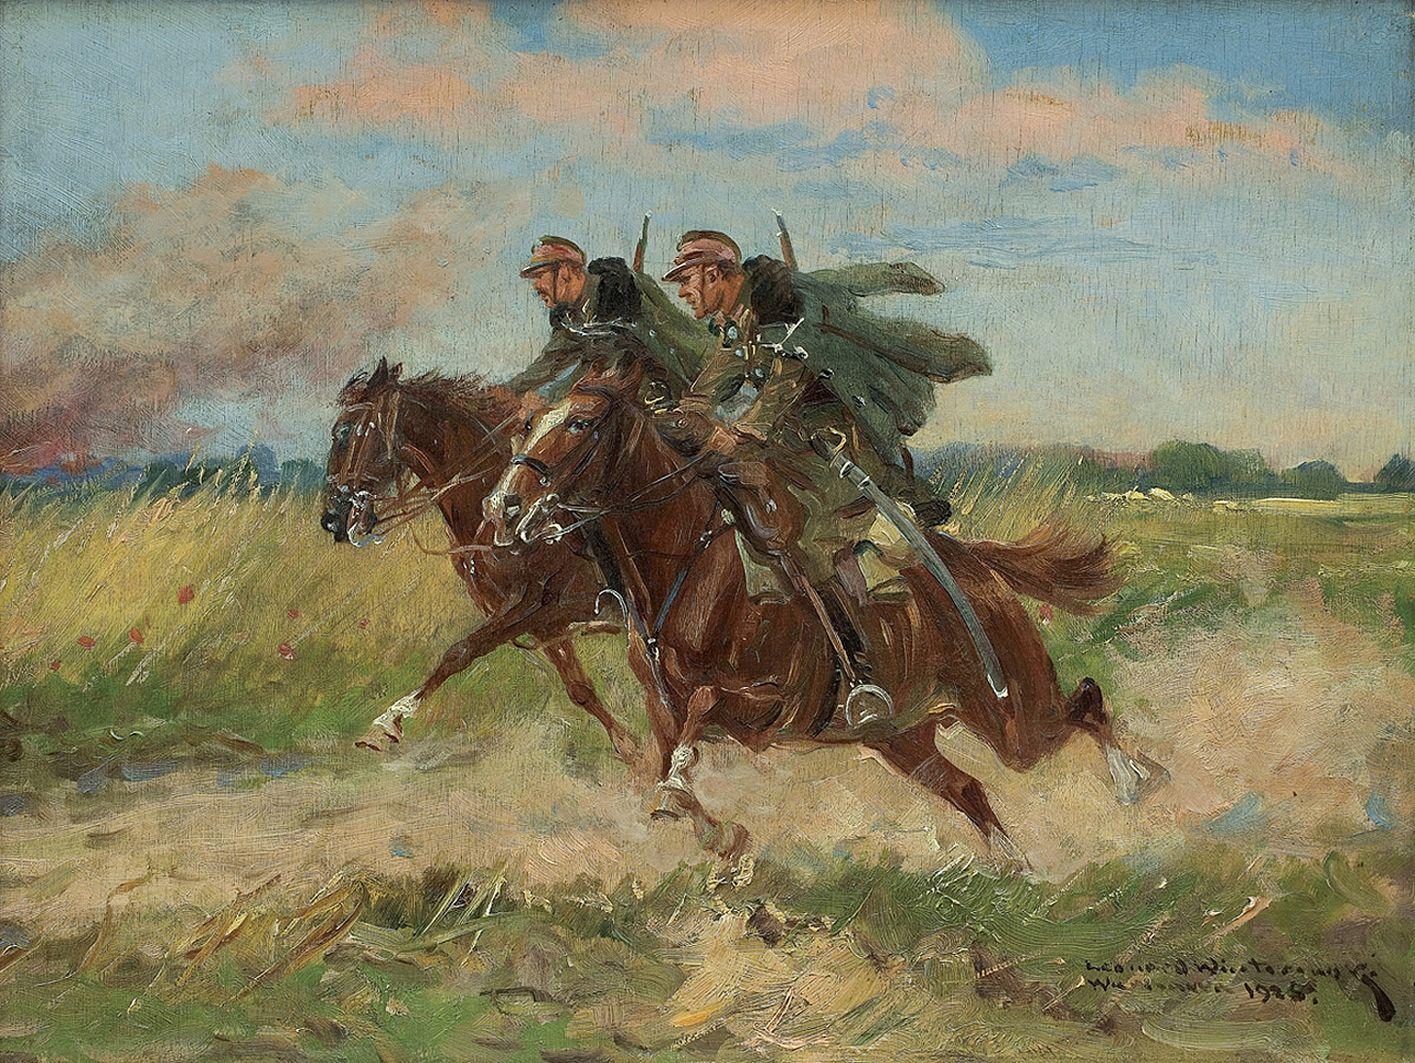 Леонард Вінтеровський. Галоп уланів, 1925; олія, фанера